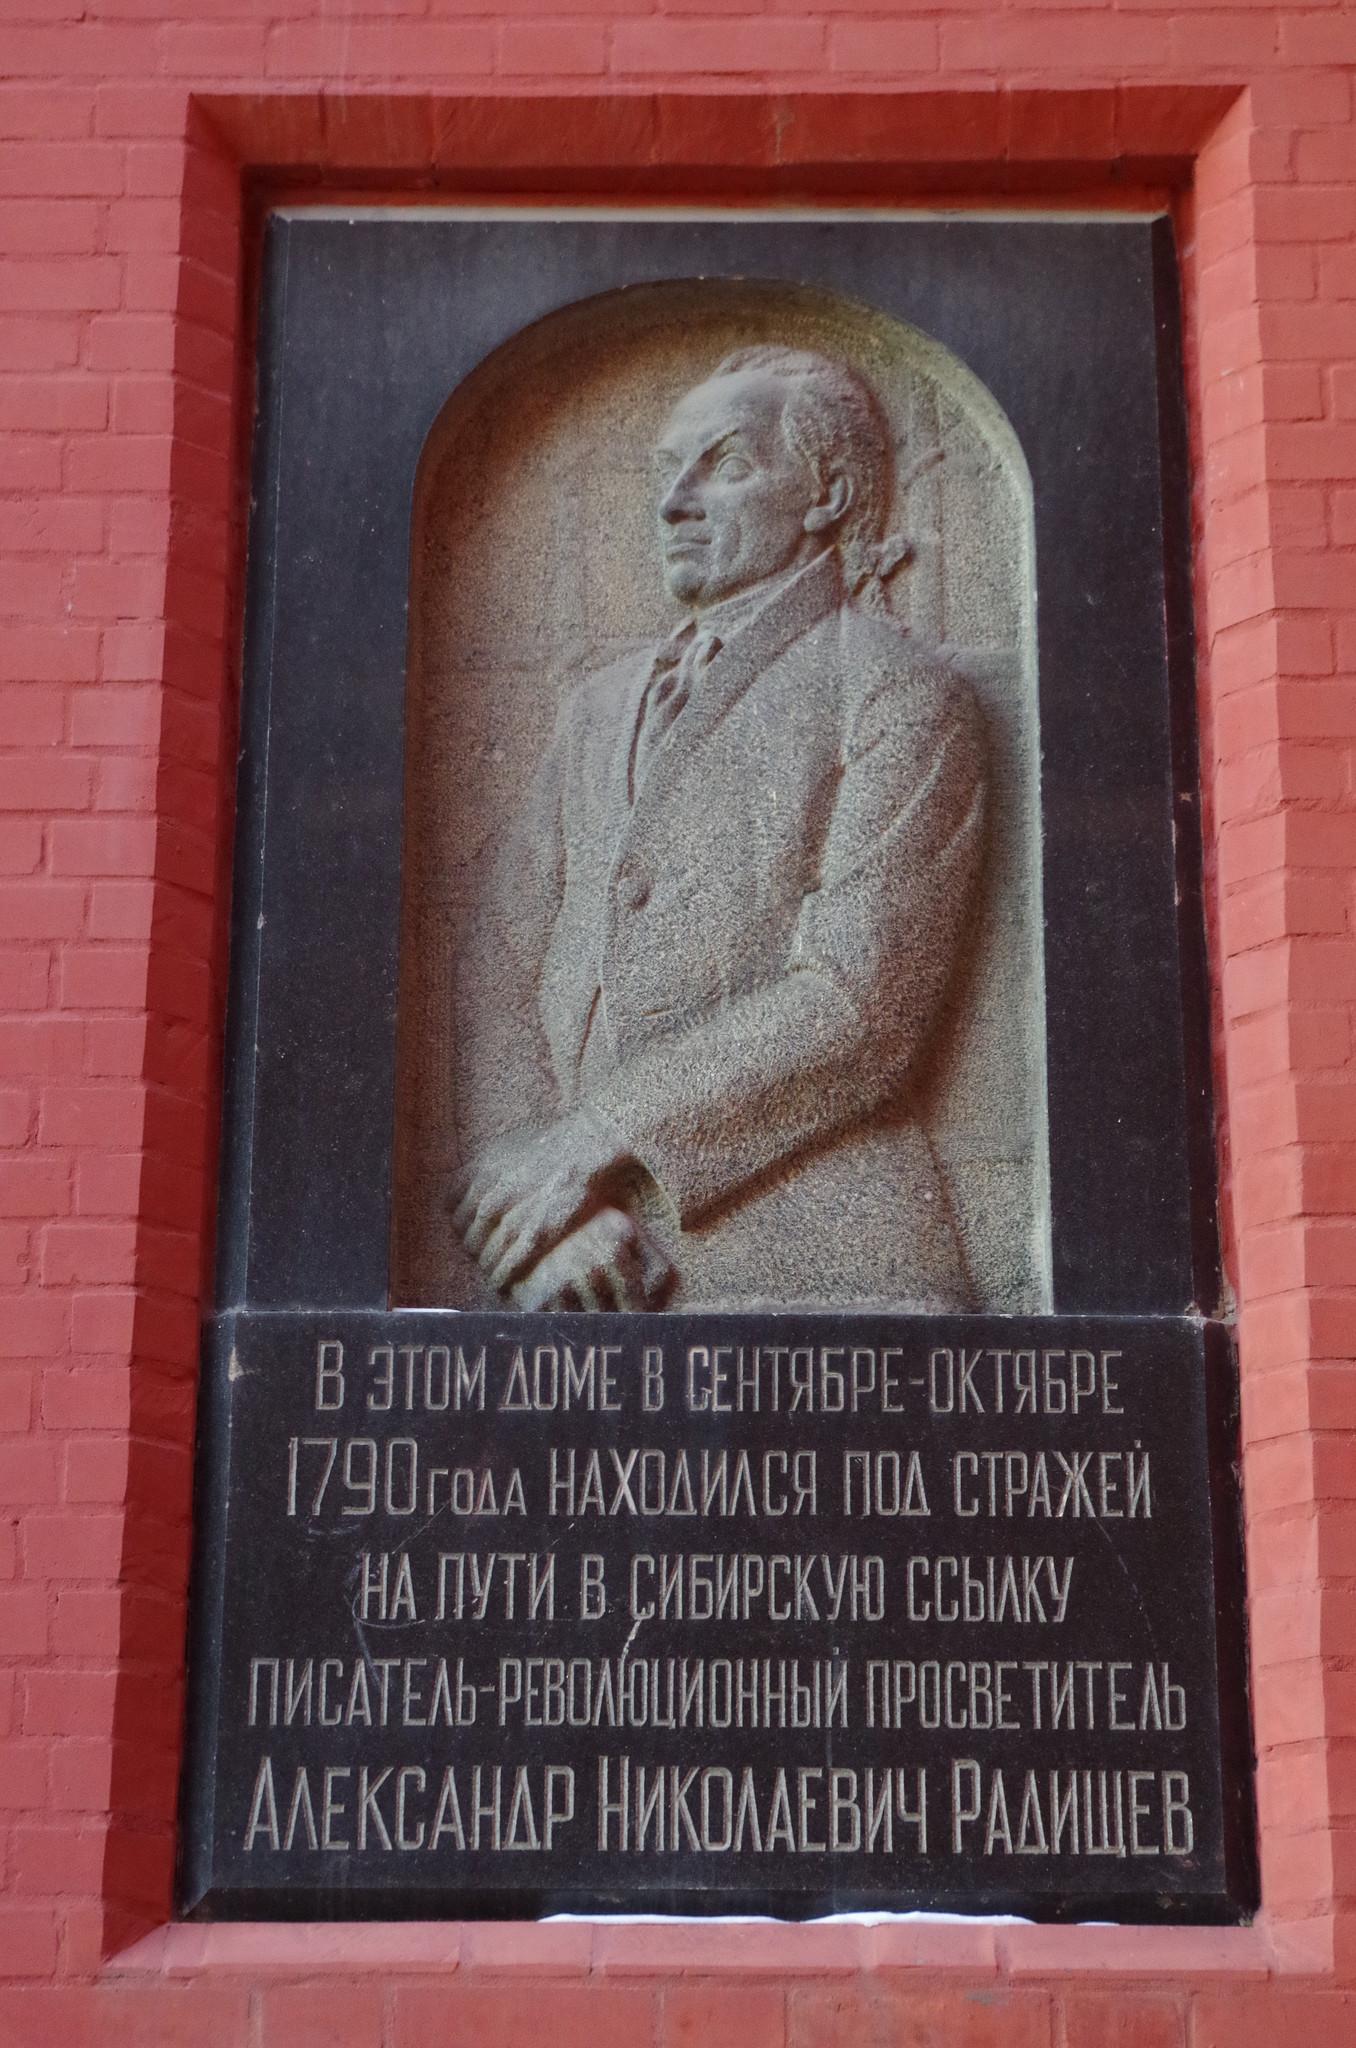 Мемориальная доска с барельефом писателя А.Н. Радищева была установлена в 1962 году в Историческом проезде на доме № 1